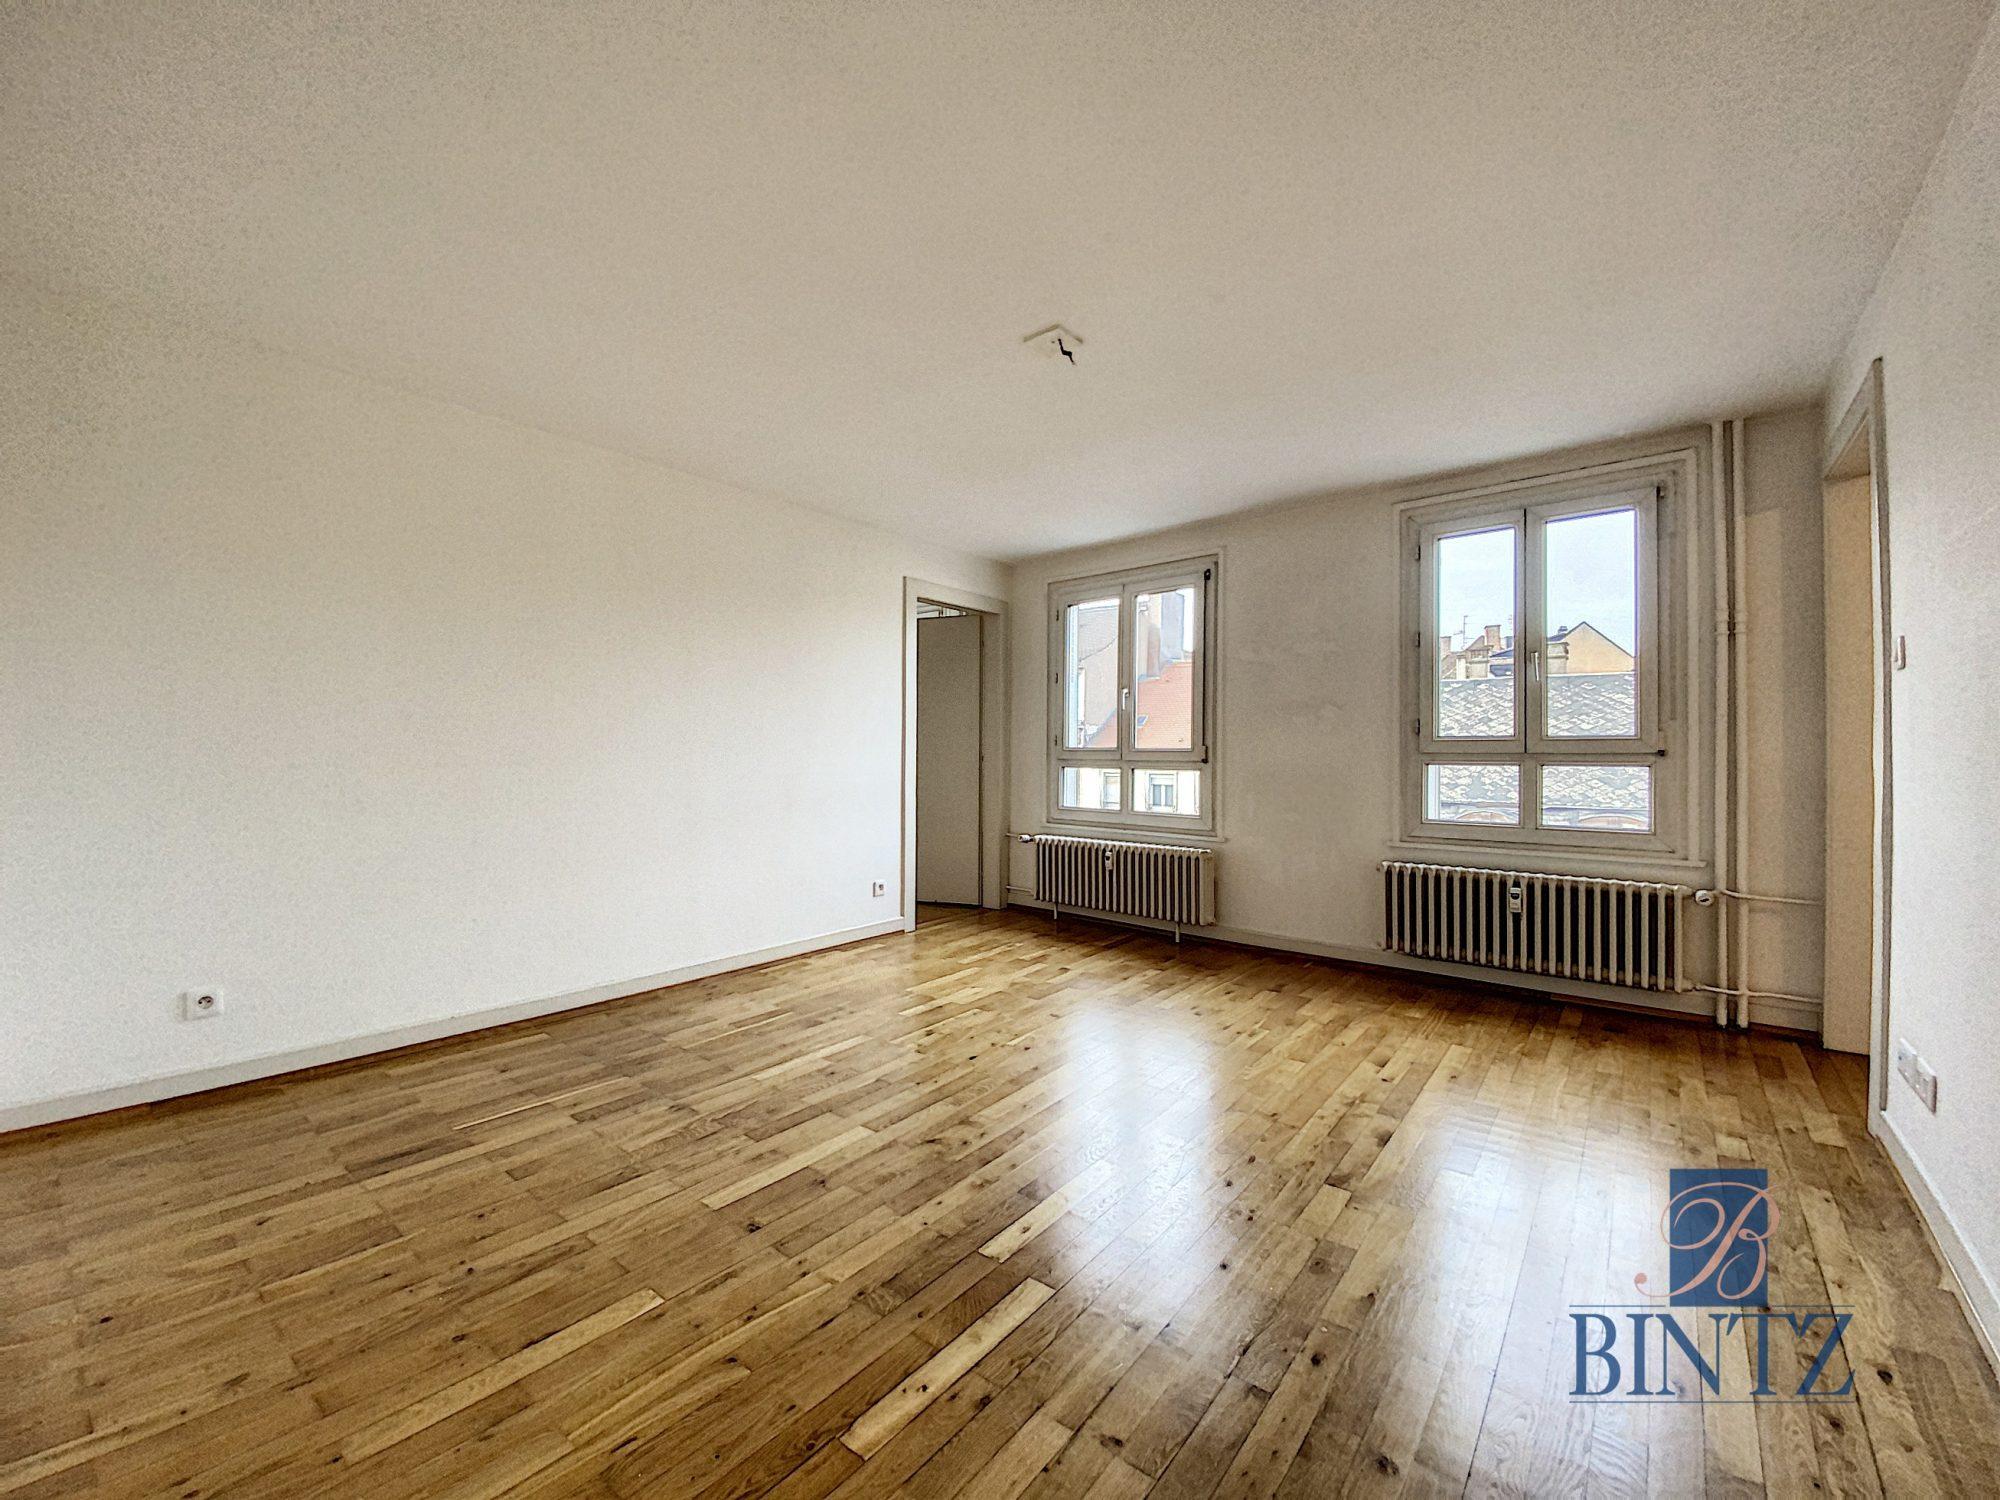 3 PIÈCES HYPERCENTRE - Devenez locataire en toute sérénité - Bintz Immobilier - 1